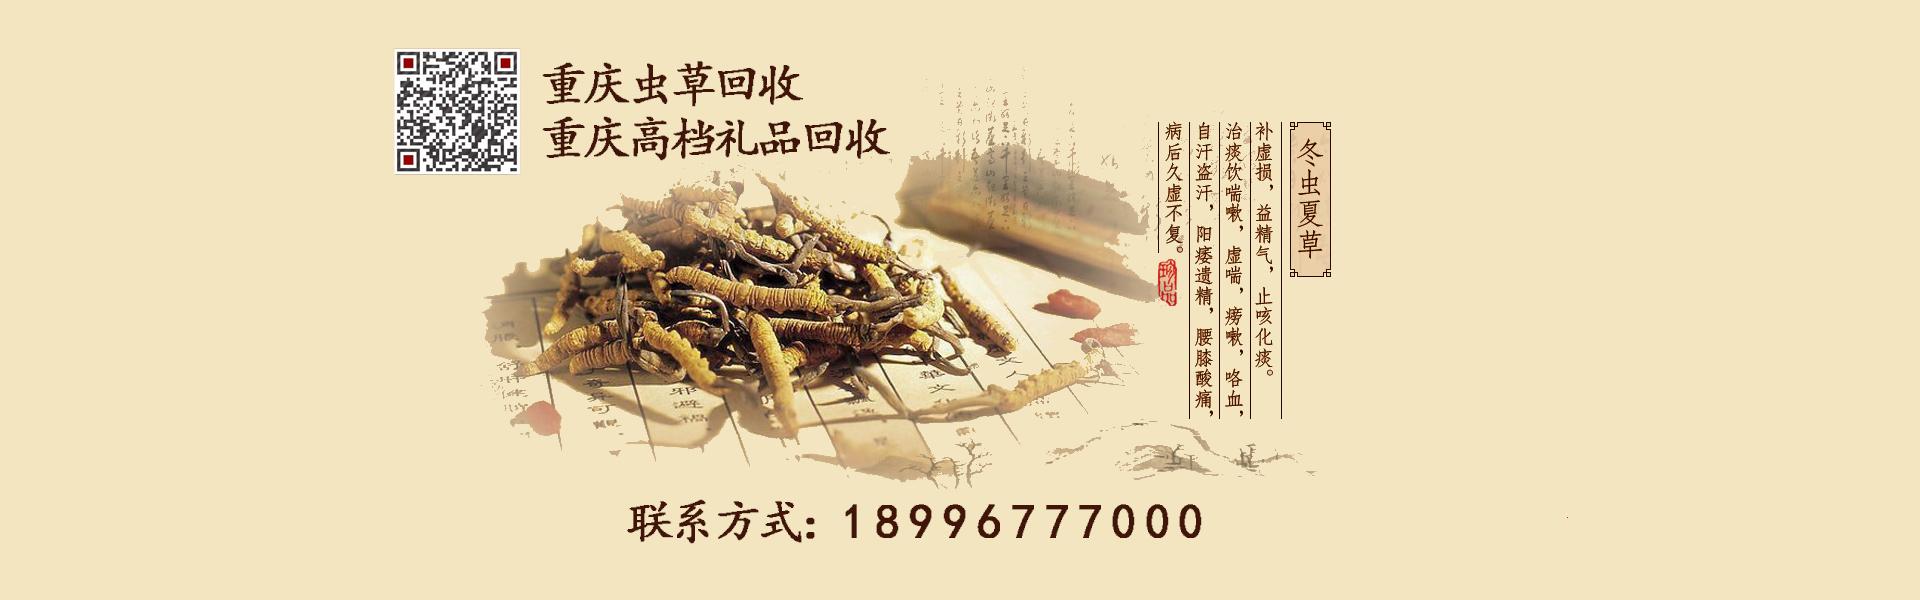 虫草回收Banner图